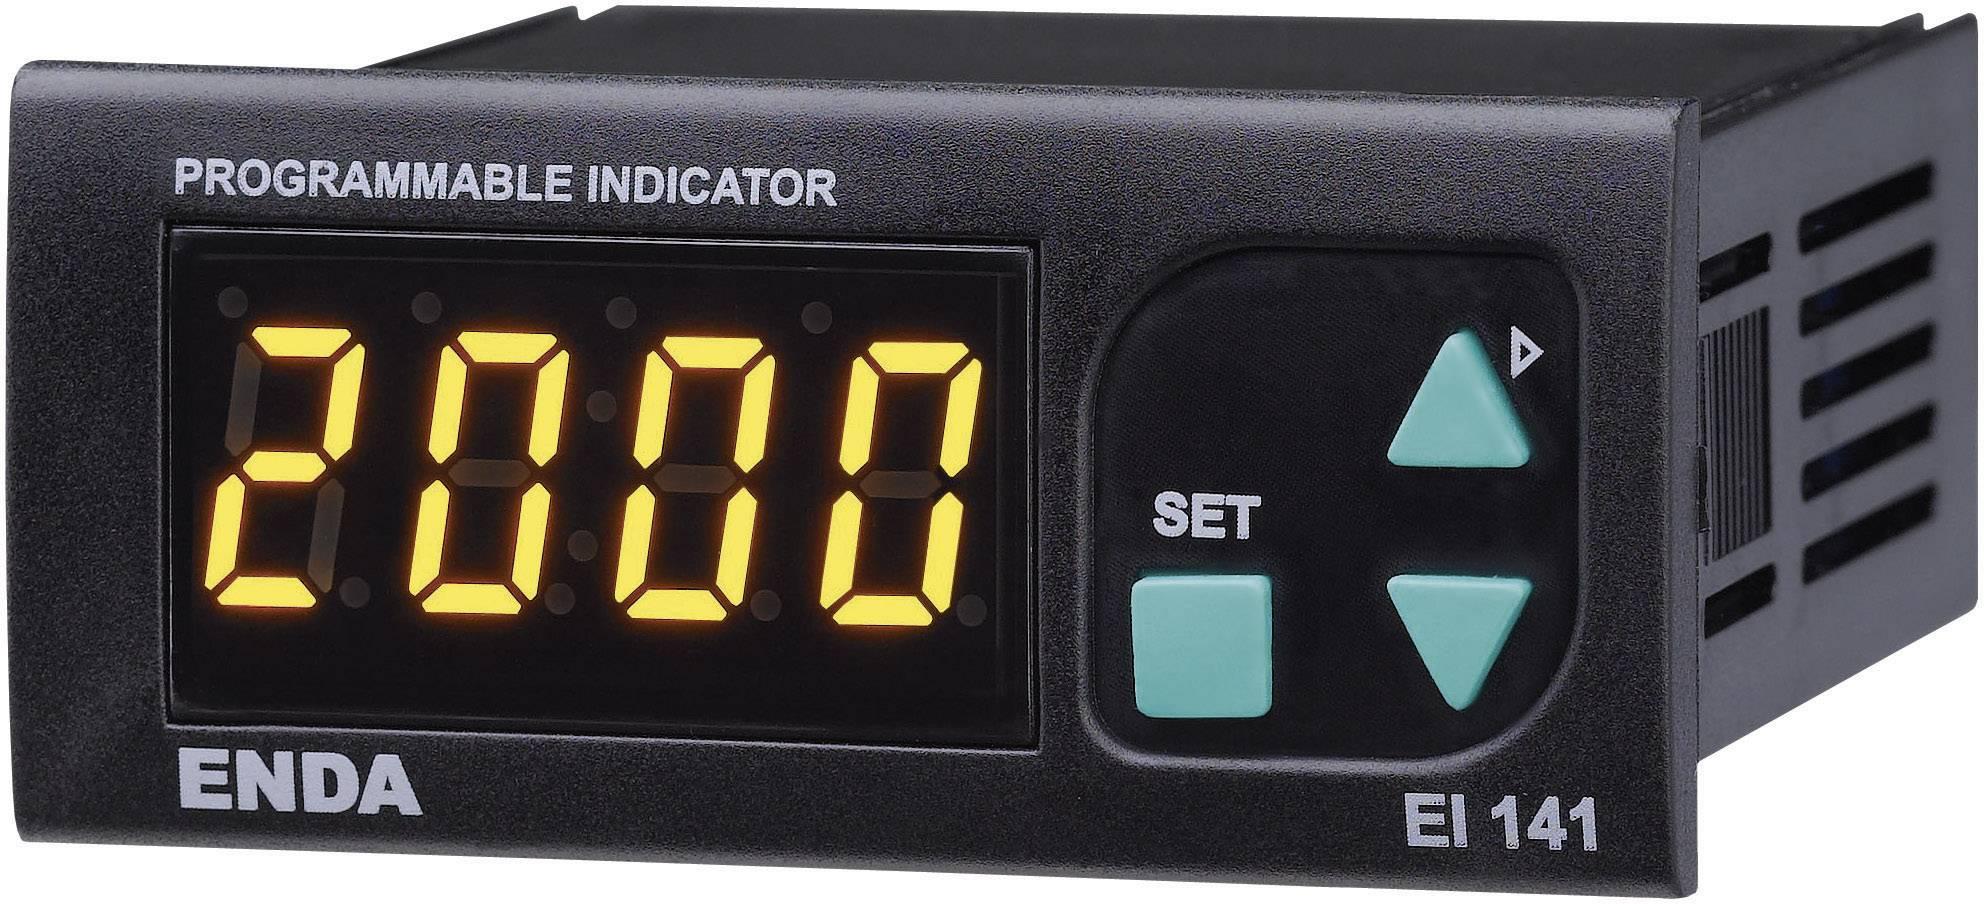 Univerzálny LED displej Suran Enda EI141-230